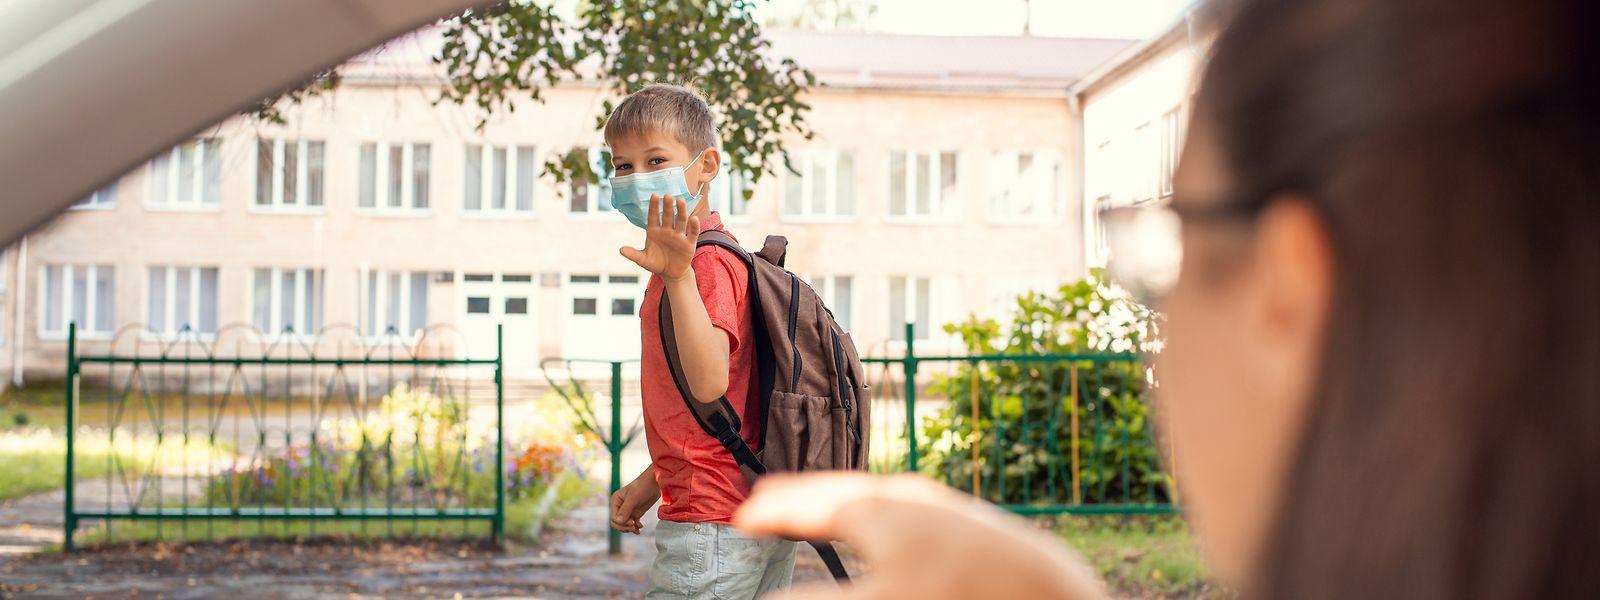 A l'école, le masque a été rendu obligatoire par le gouvernement français pour tous les adultes, sauf en maternelle, et tous les élèves, à partir de la 6e.Maintenant au tour des parents et passants thionvillois de s'adapter.